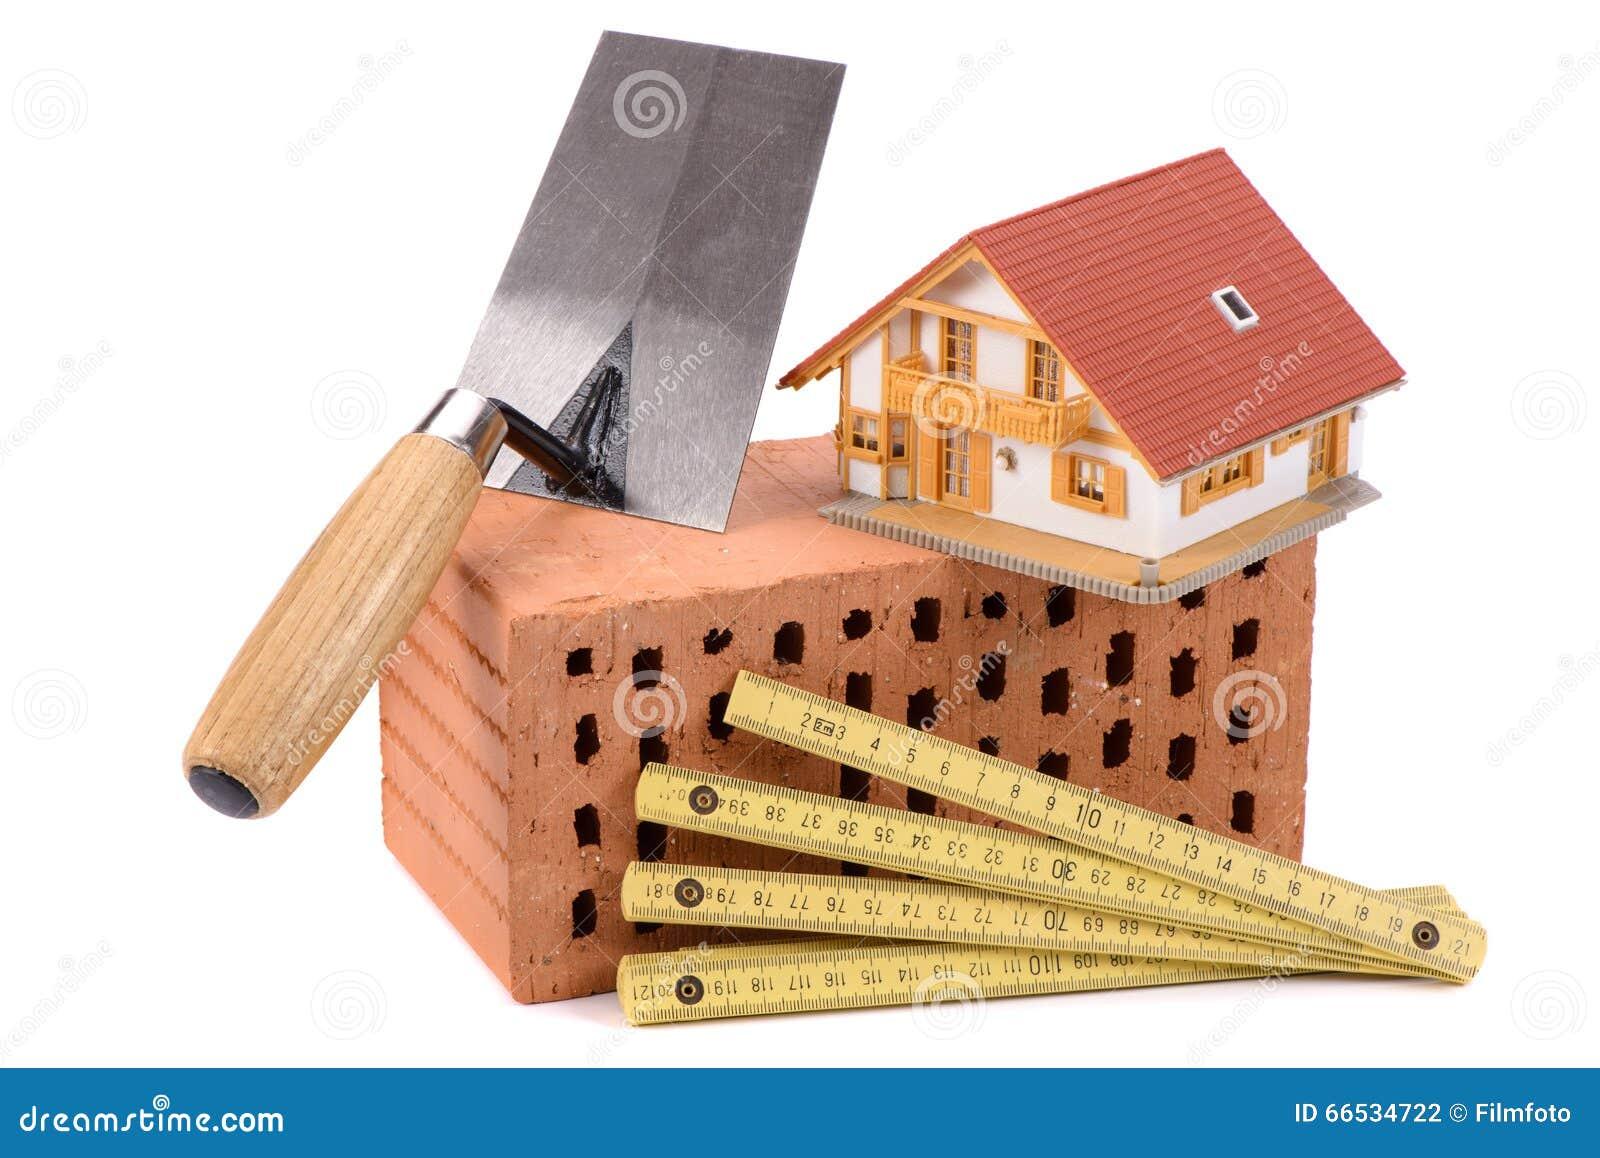 ziegelstein f r hausbau und werkzeug stockfoto bild von. Black Bedroom Furniture Sets. Home Design Ideas